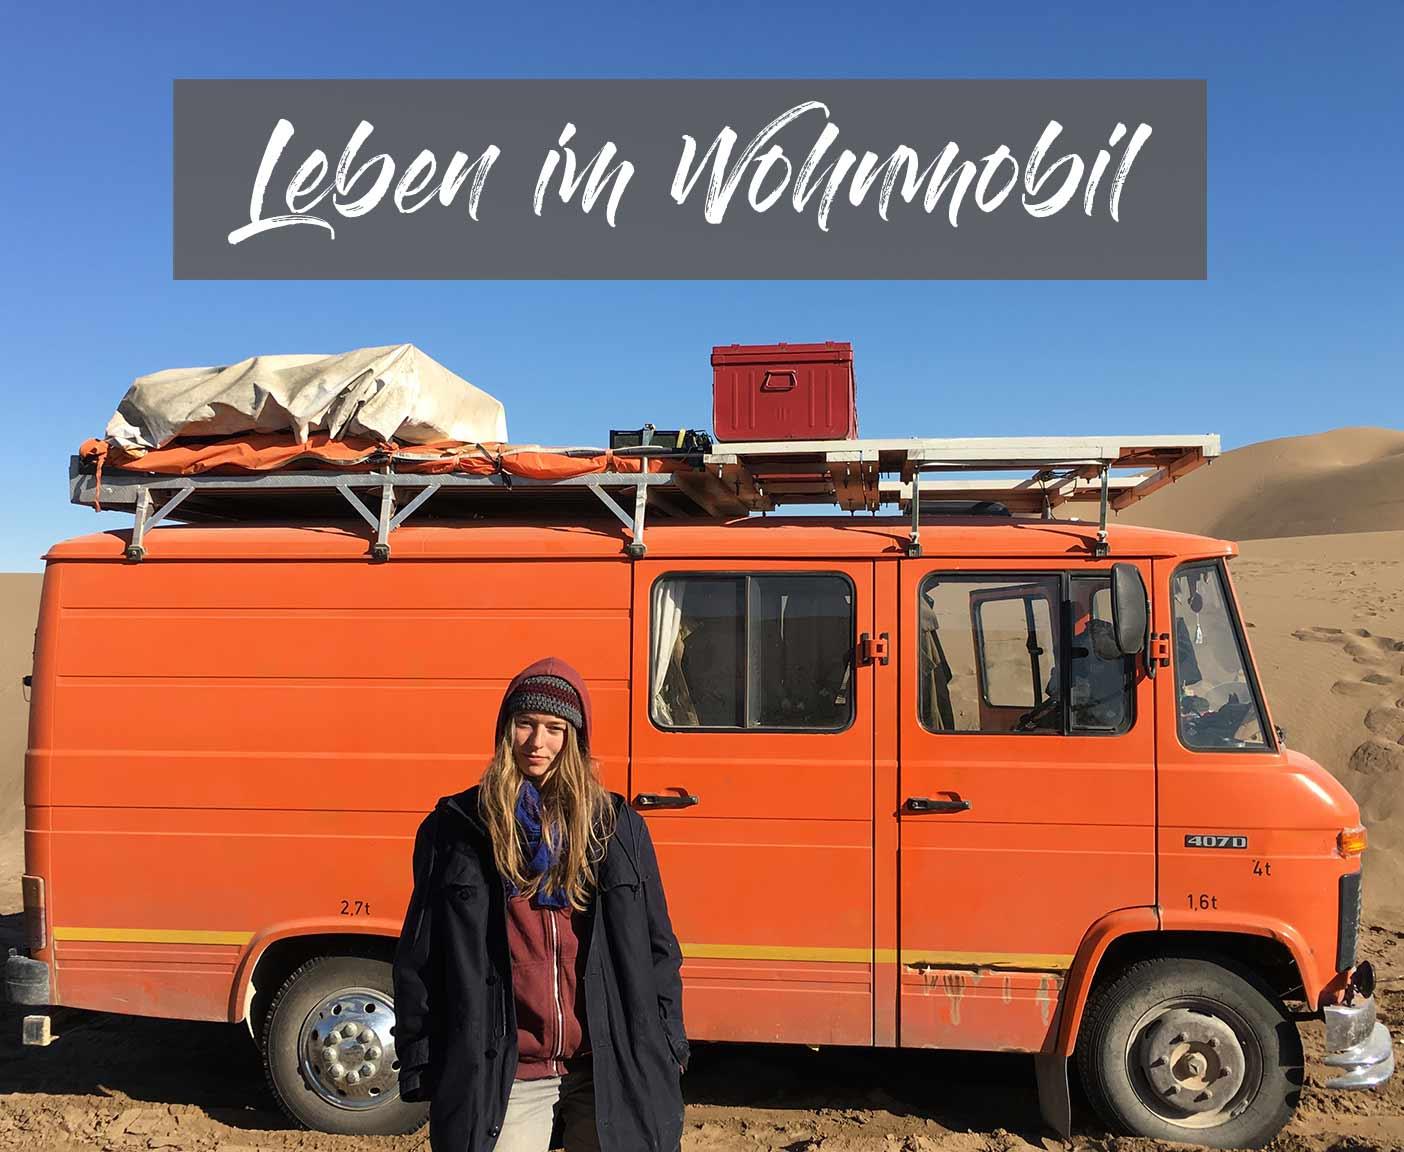 leben-im-wohnmobil-menschen-vorteile-nachteile-so-funktioniert-es-camper-erfahrungen-tipps